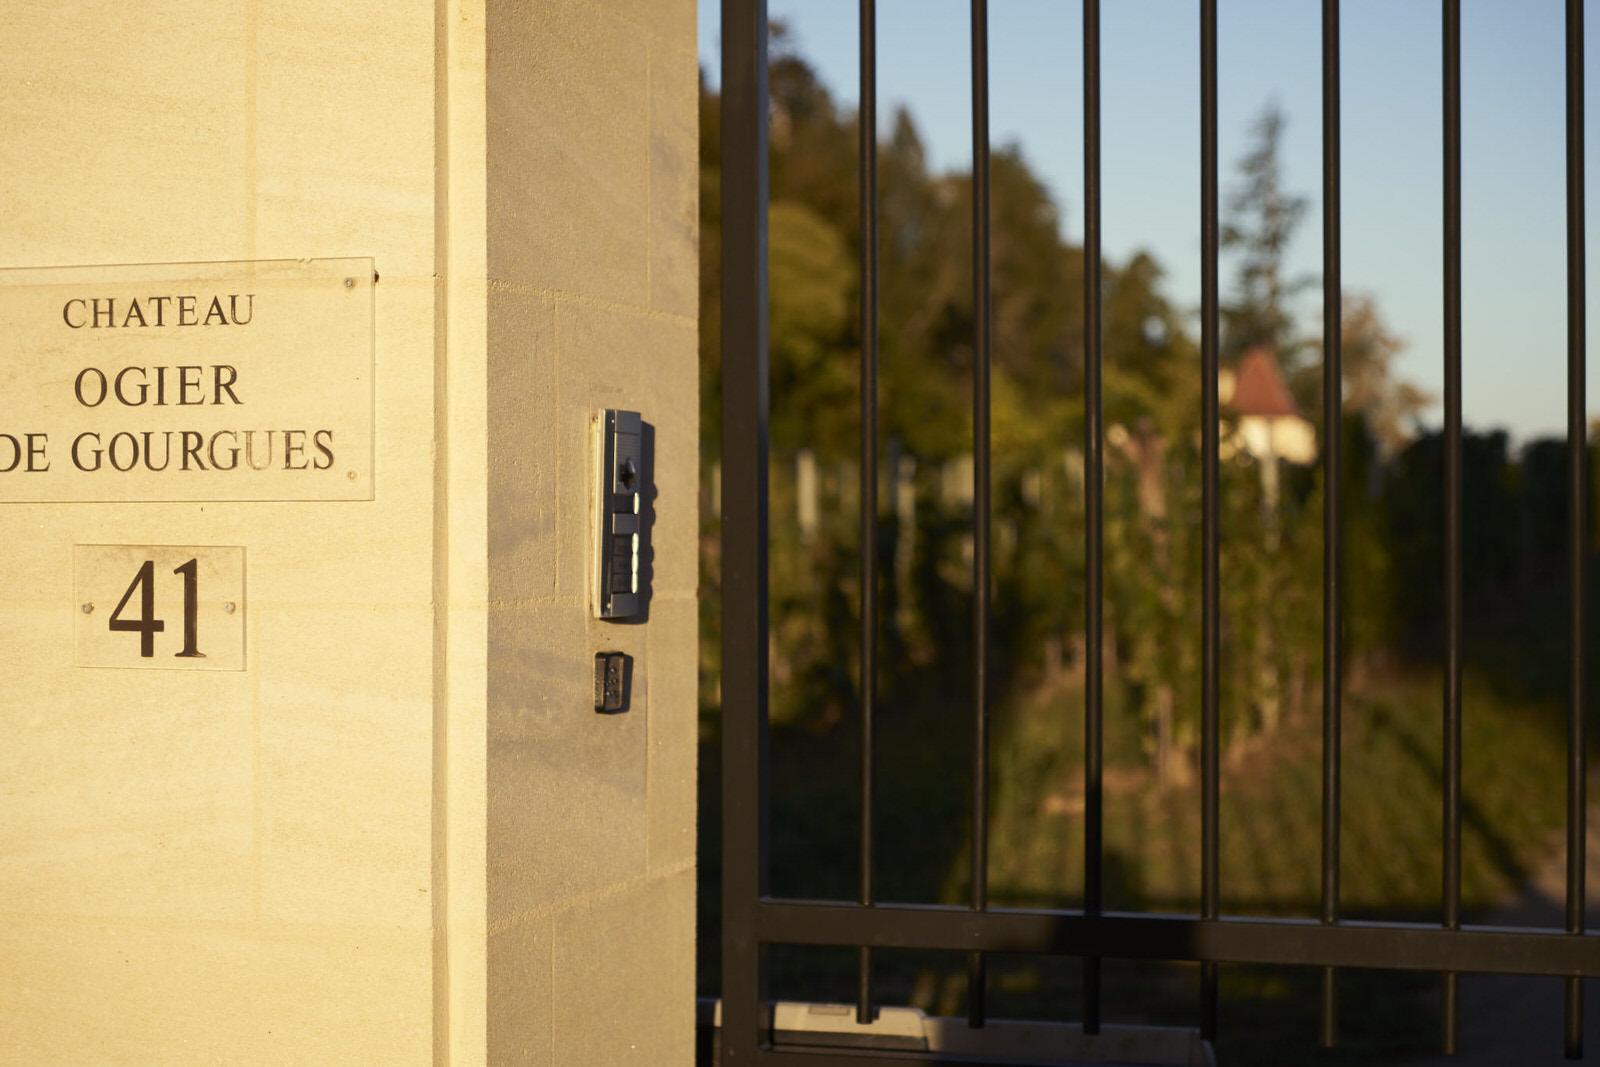 Reportage photo - reportage d'entreprise - Photographe professionnel - Propriété viticole - Thierry Pousset - chateau